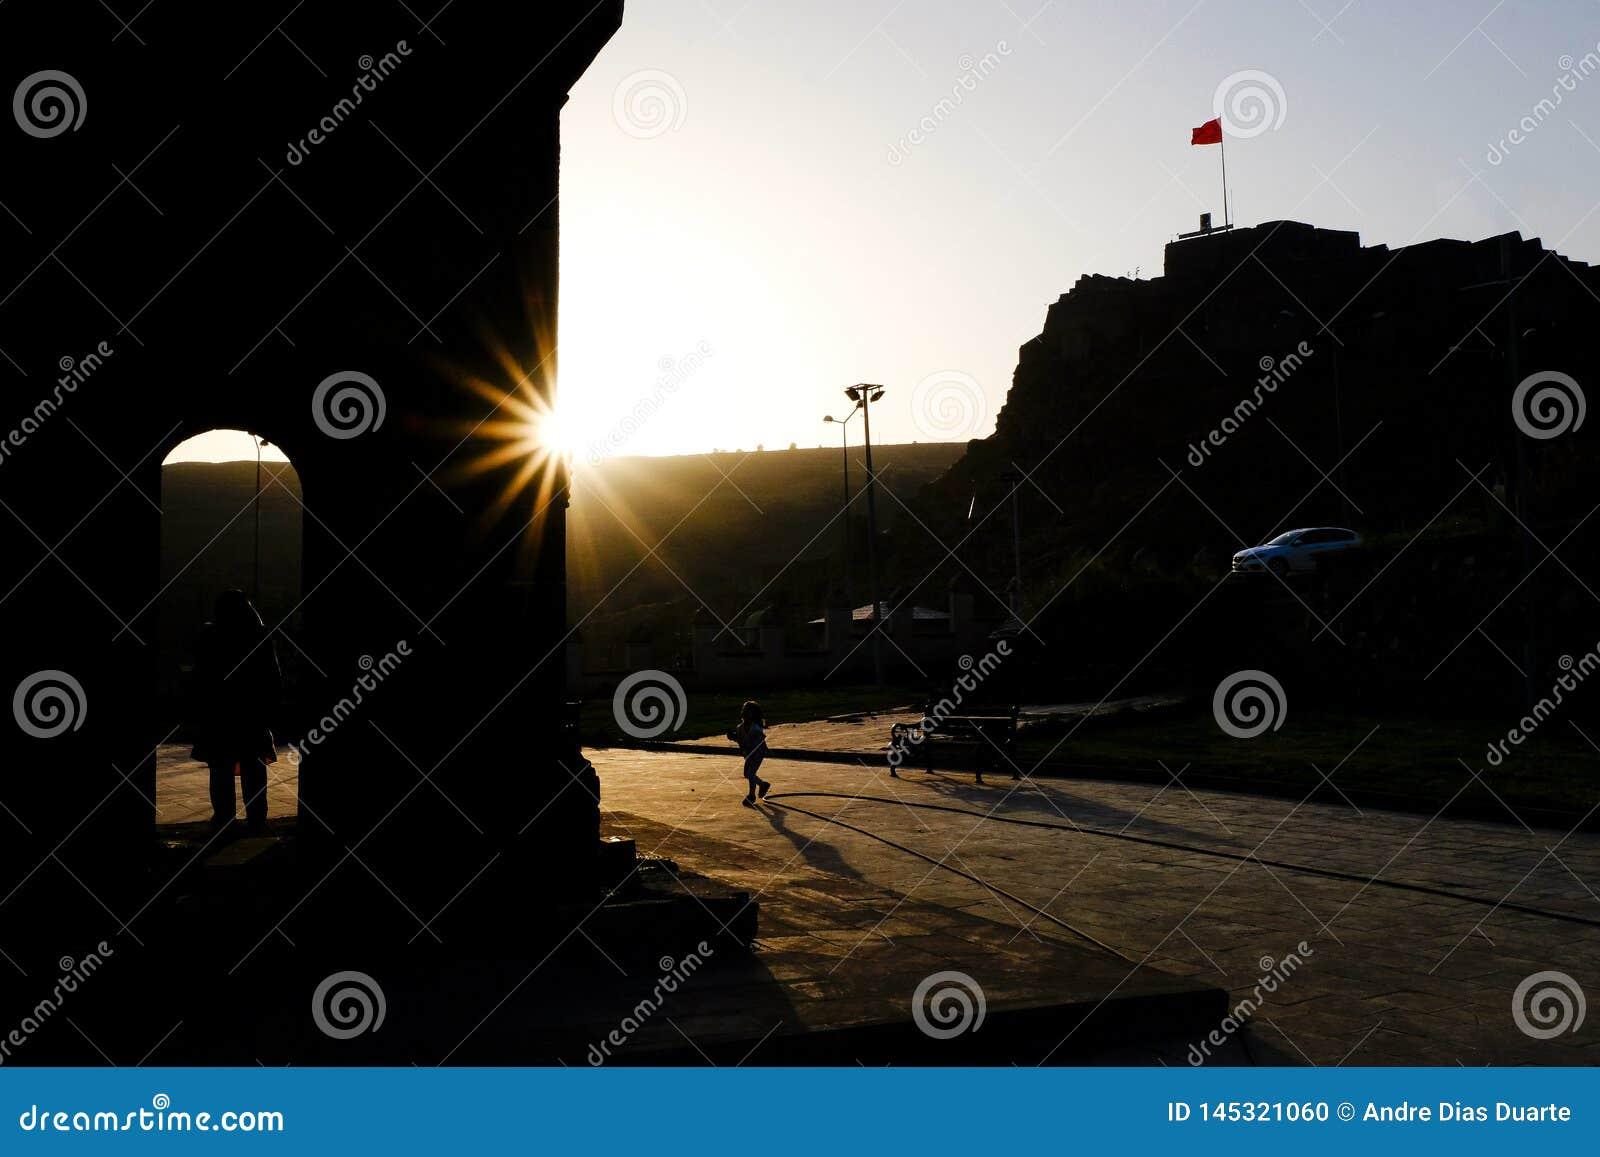 Kind die over het vierkant bij zonsondergang tegen het licht lopen